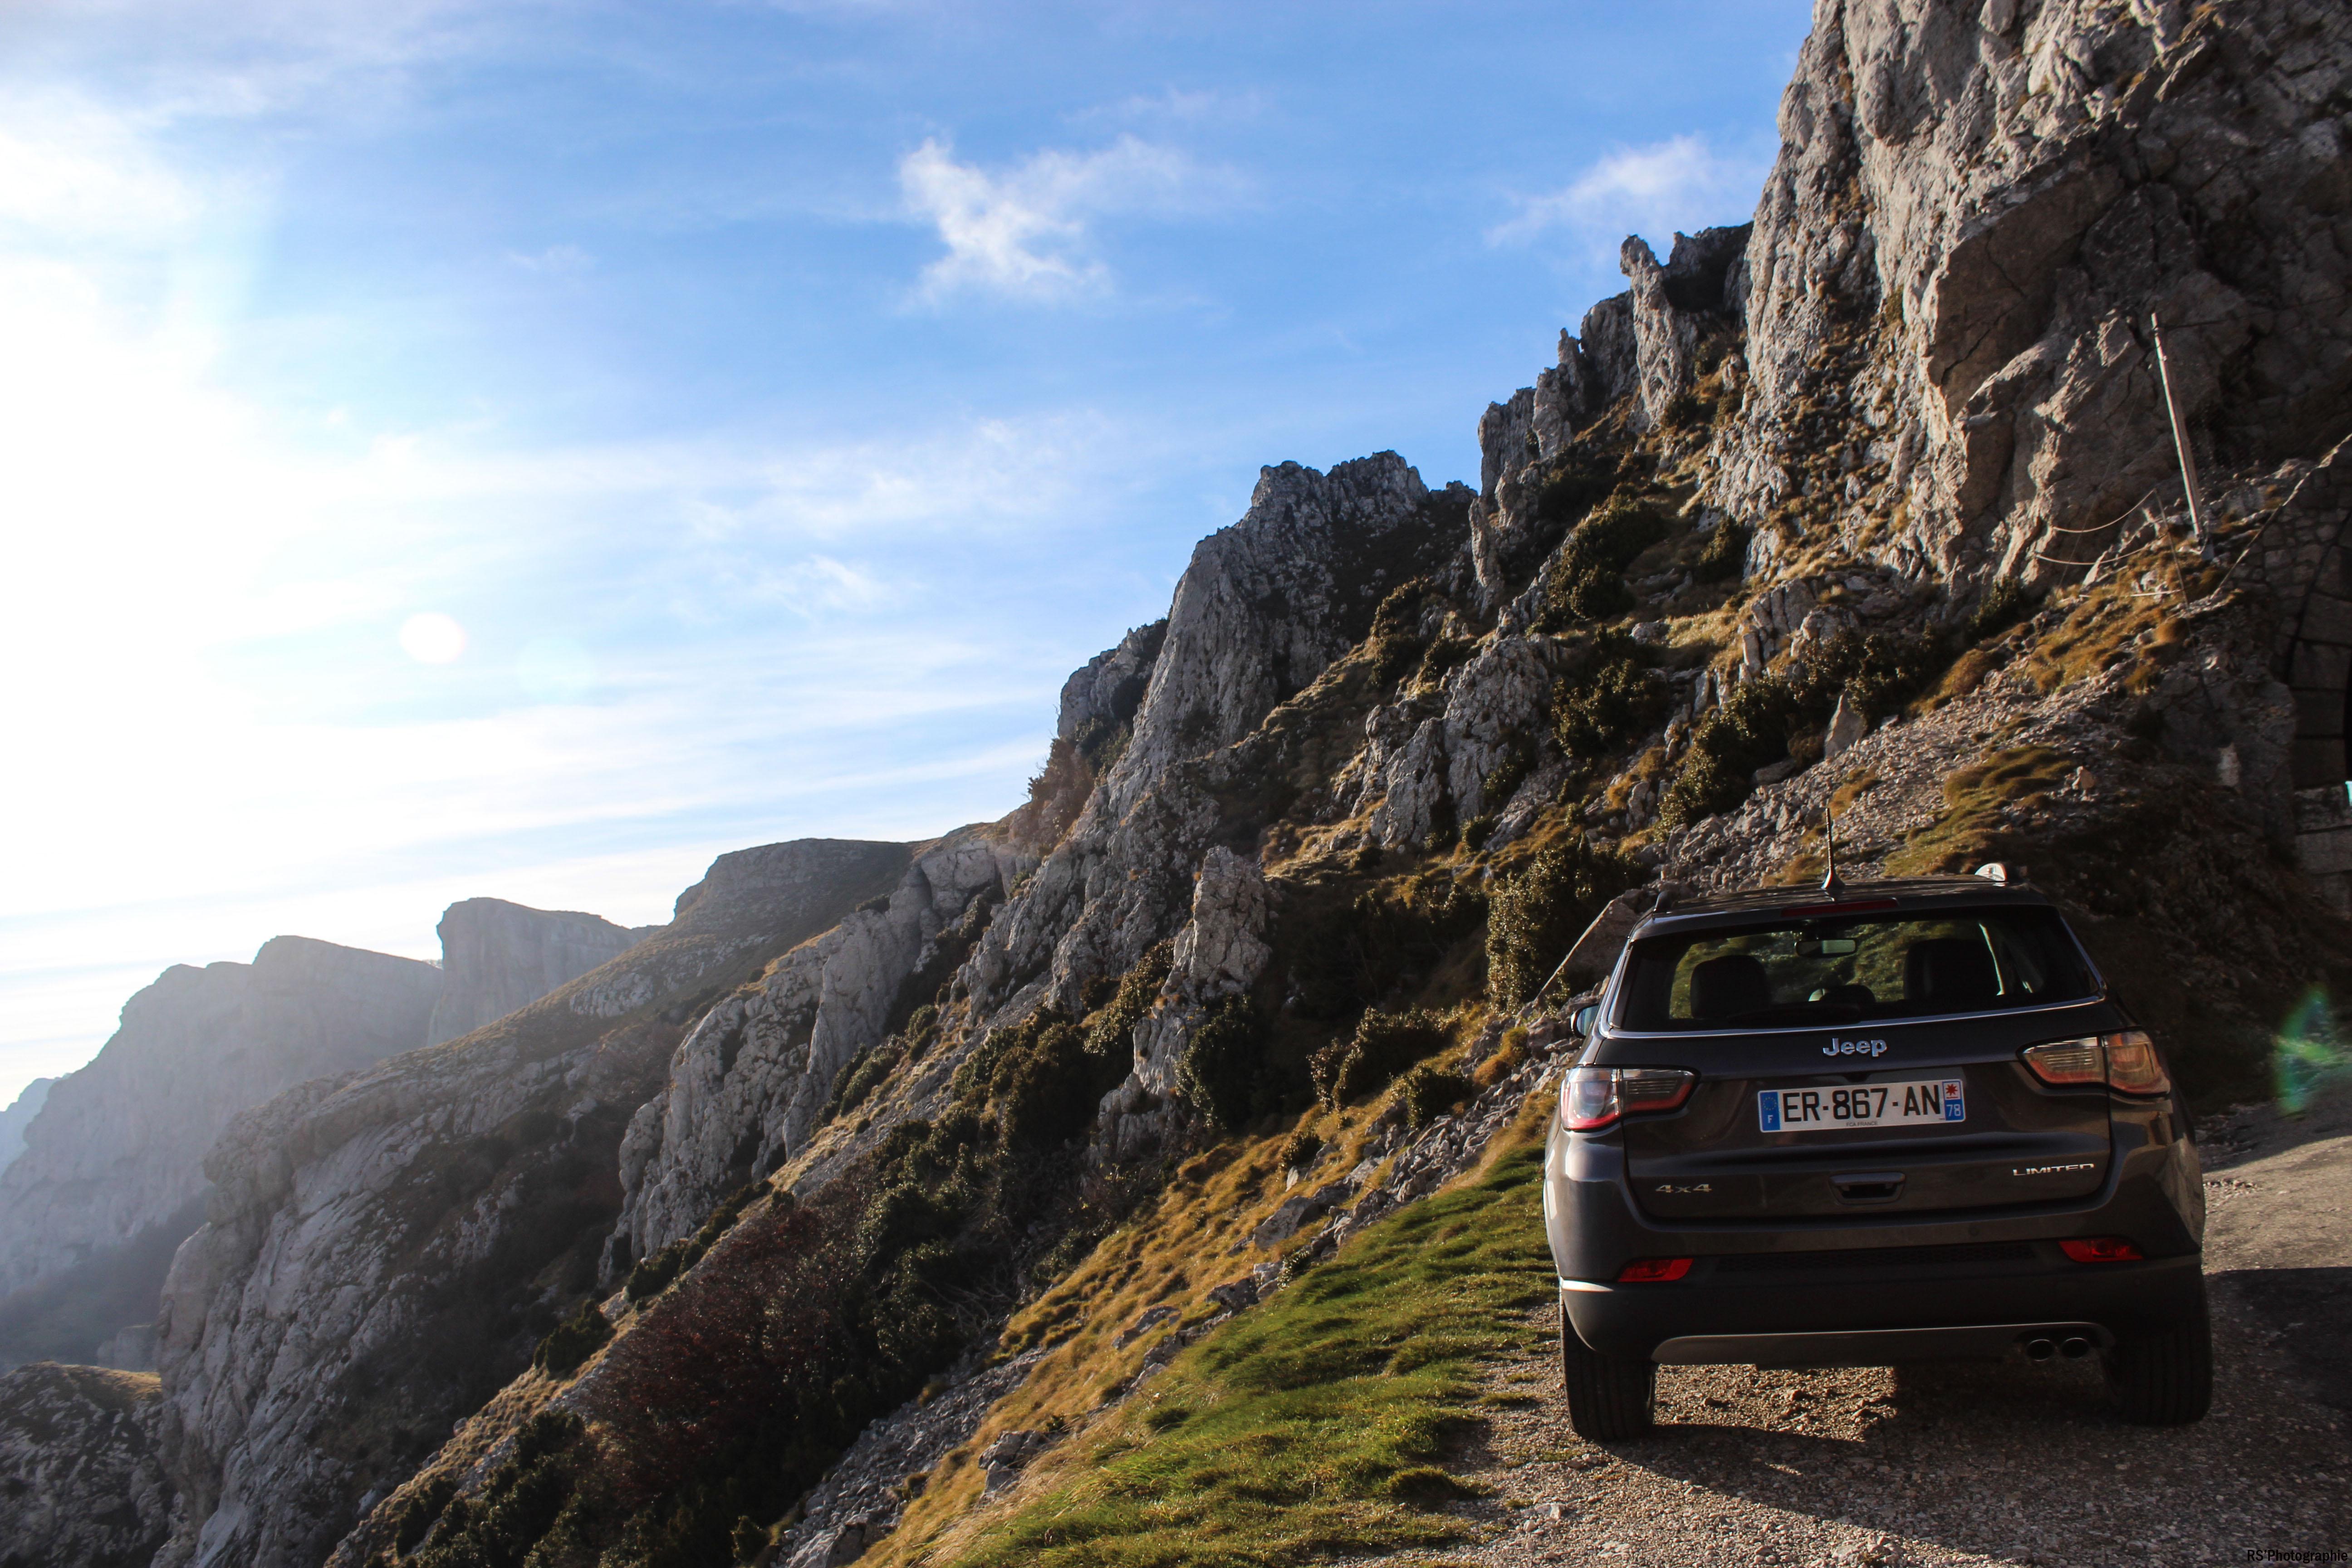 jeepcompass59-jeep-compass-arrière-rear-Arnaud Demasier-RSPhotographie